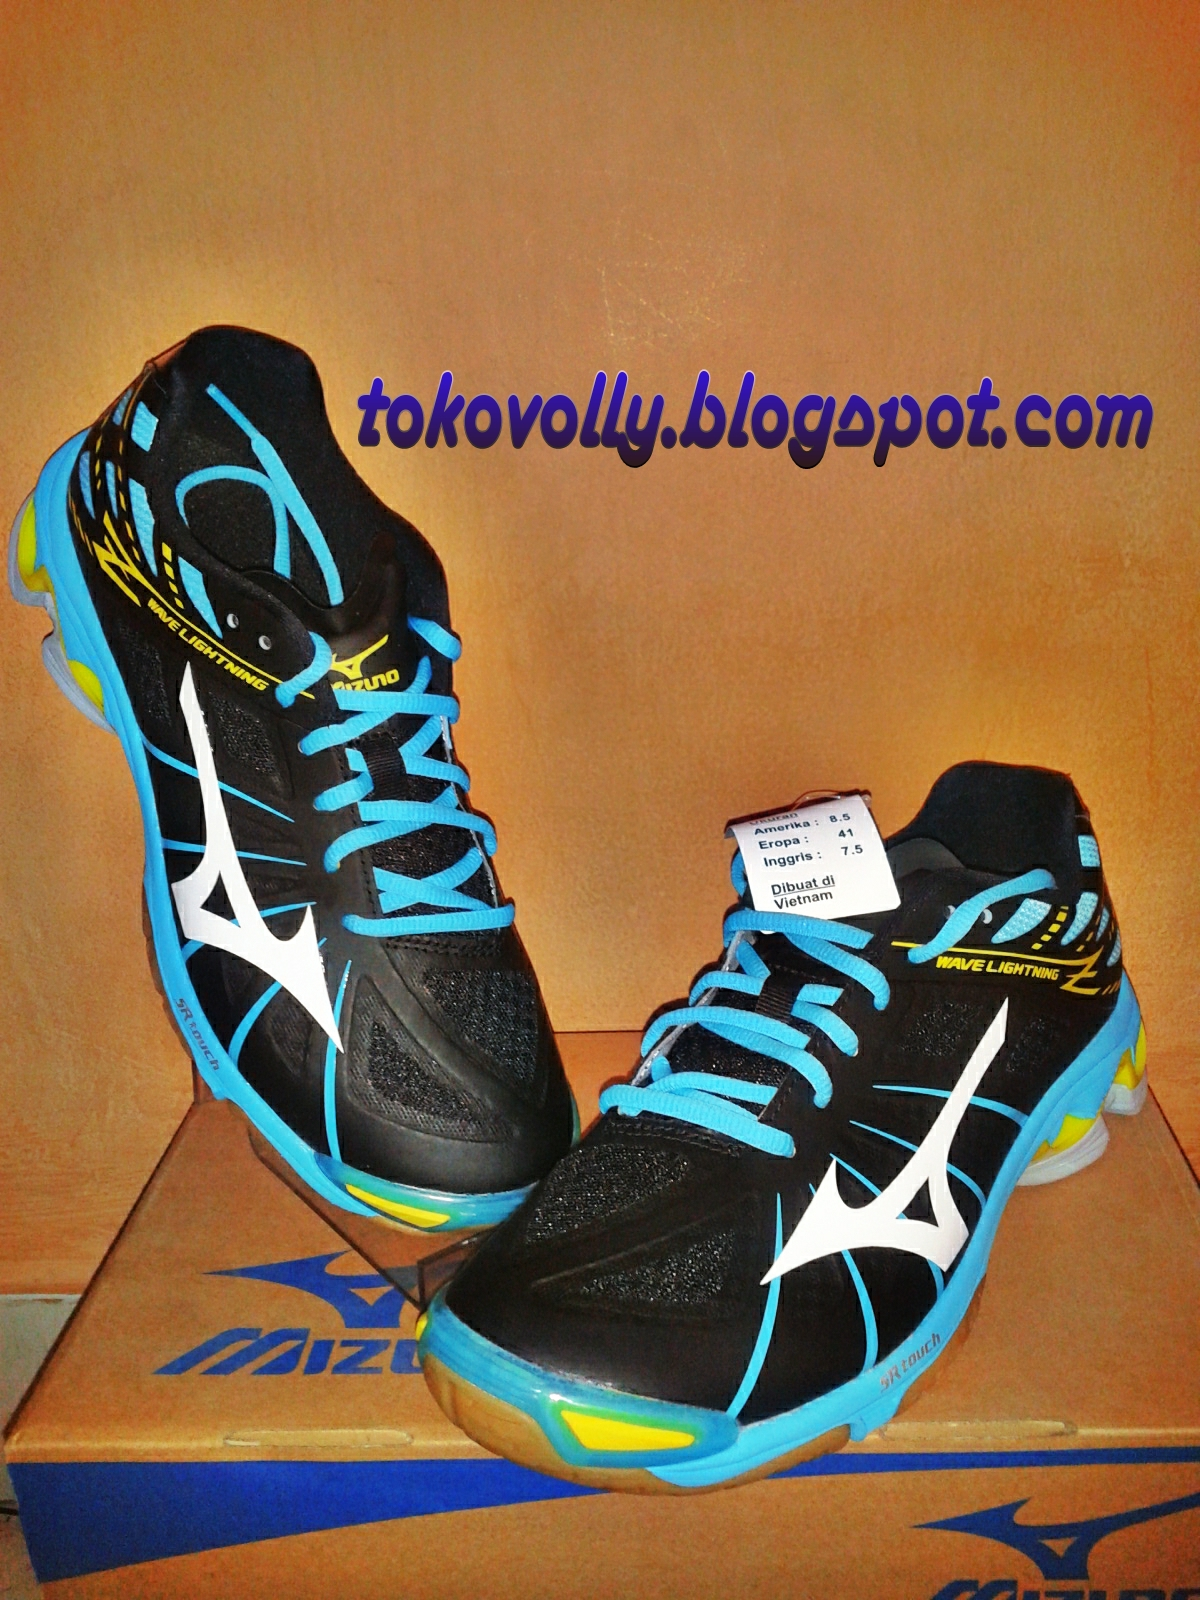 ... volly terbaru Tips Memilih Sepatu Bola Voli Yang Baik Volimaniak 6b9f023d7d